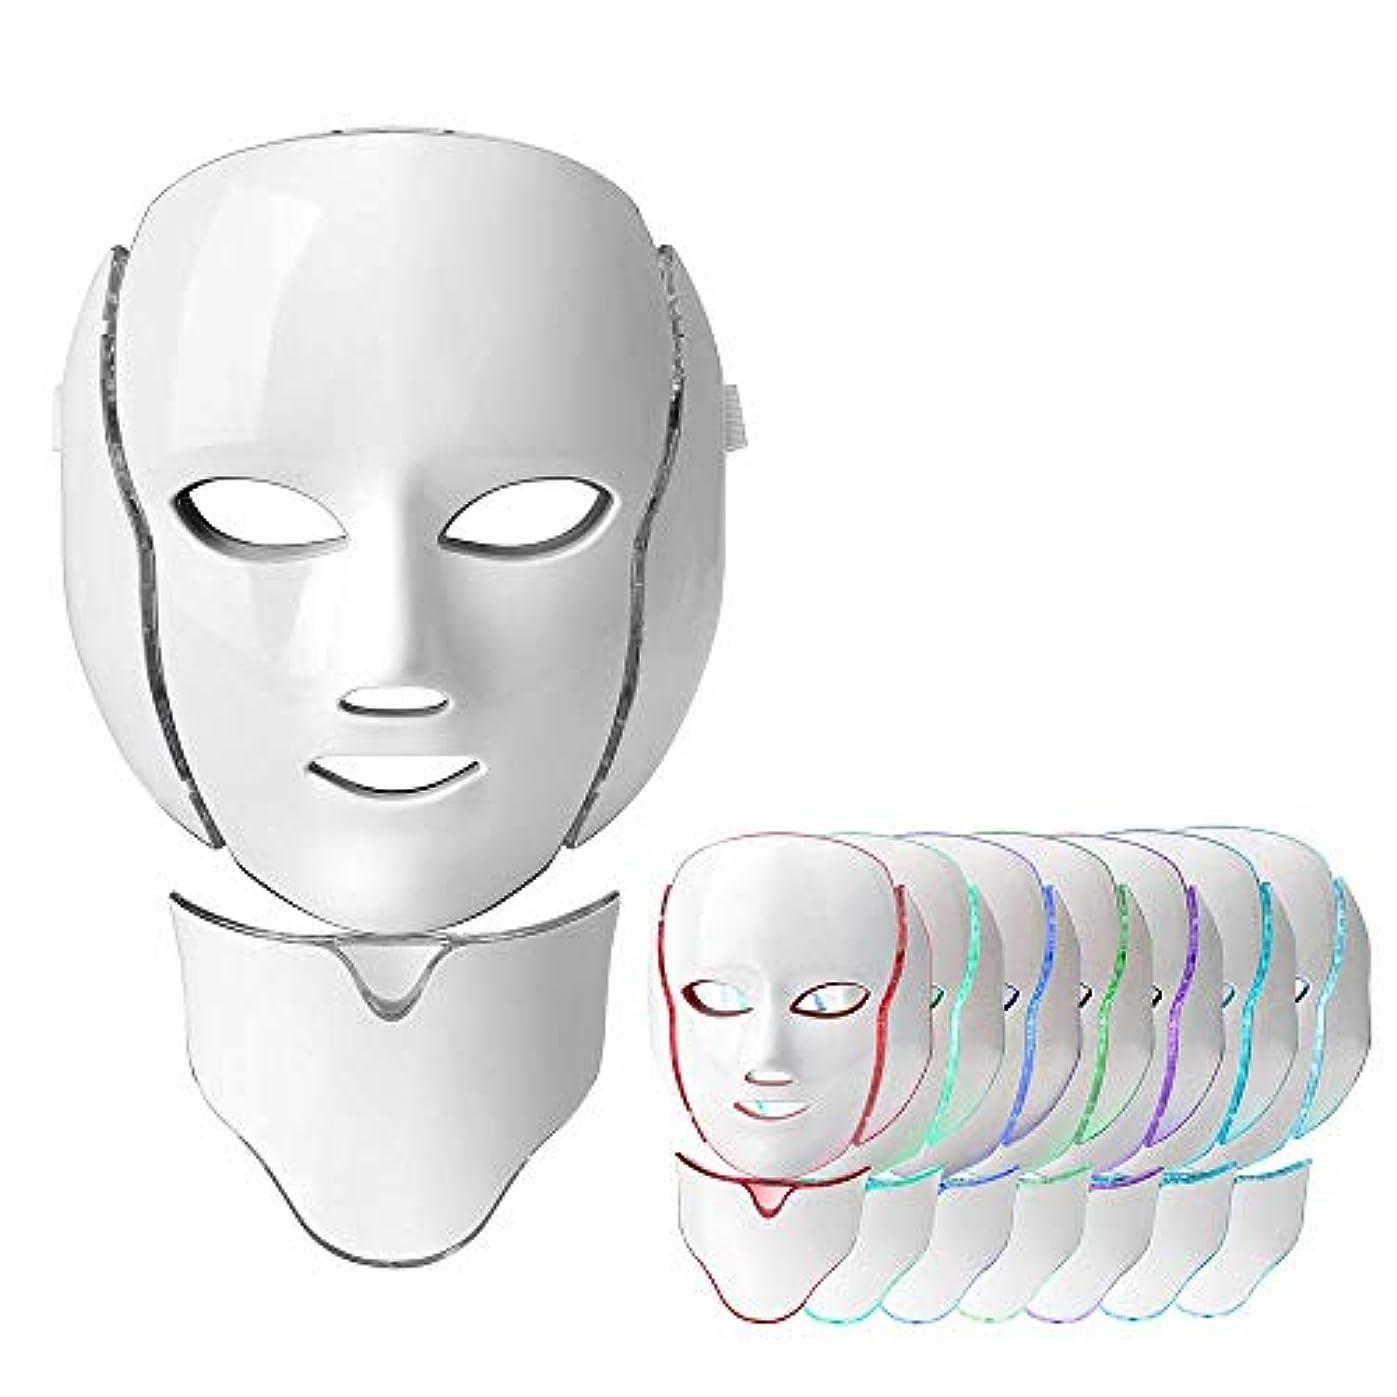 任命する証言するバンケットフォトンセラピーライトセラピーフェイスマスク、マイクロカレント7色ニキビ治療Ledフォトンマスクフェイシャルスキンケアアンチエイジングキット